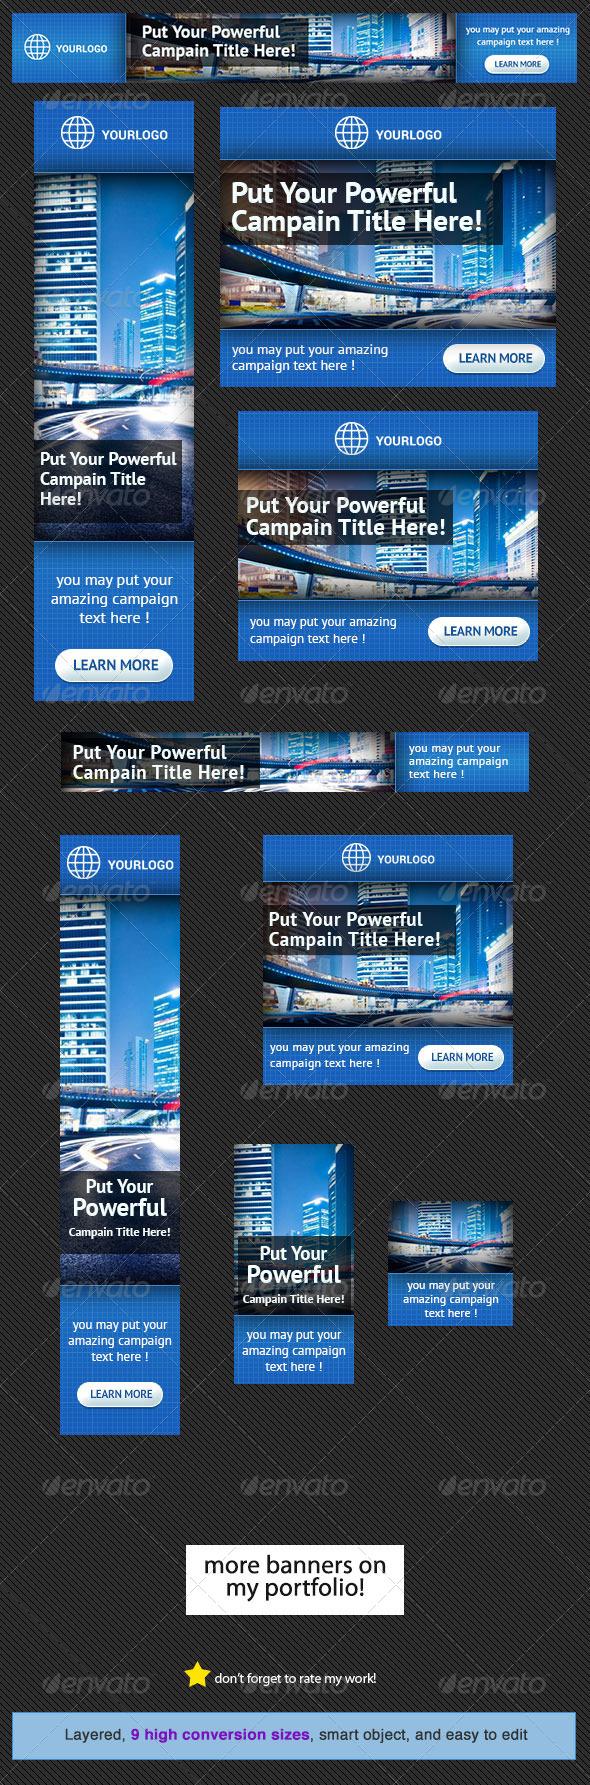 GraphicRiver Corporate Web Banner Design Template 12 4555547